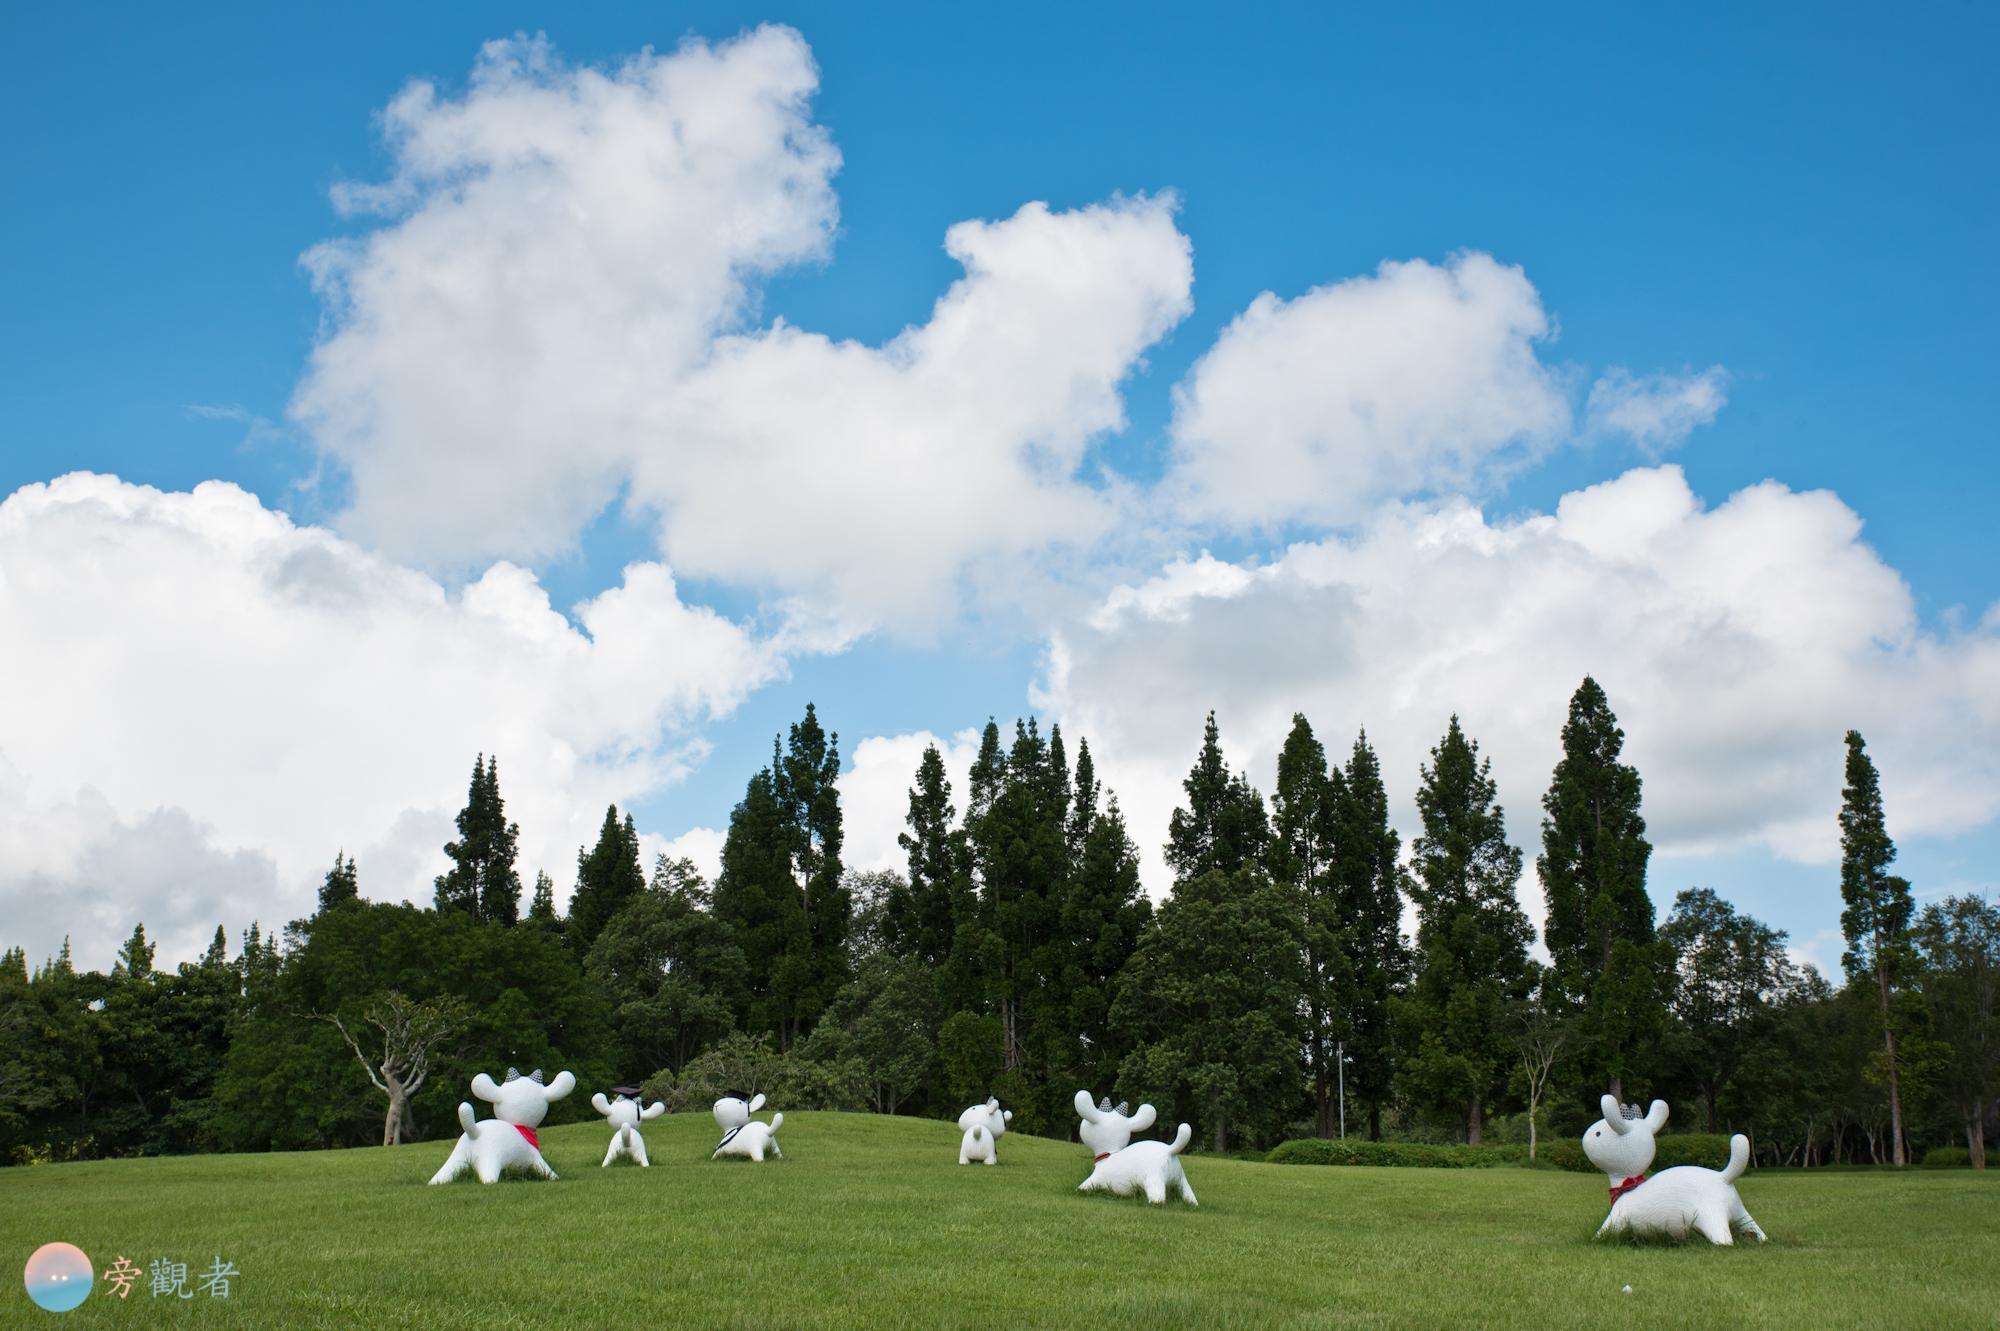 暨南大學草原上擺設的綿羊造型雕塑。南投埔里桃米